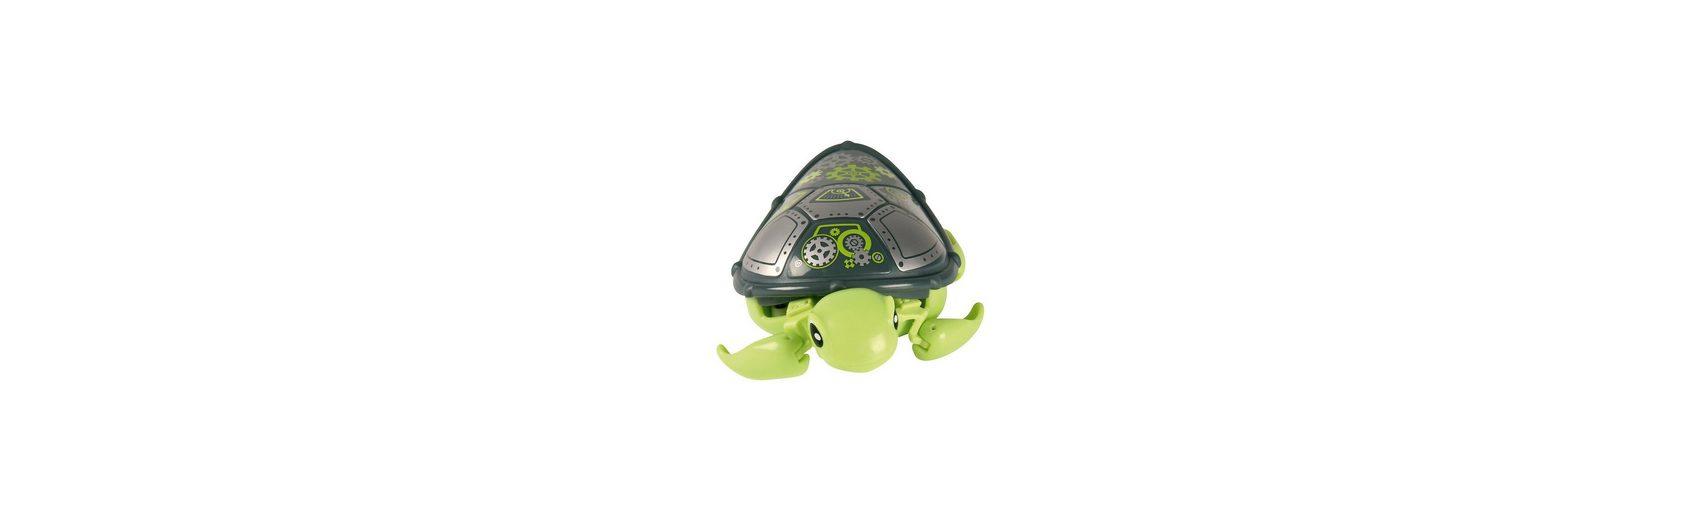 BOTI LITTLE LIVE PETS Schildkröte Robot grün